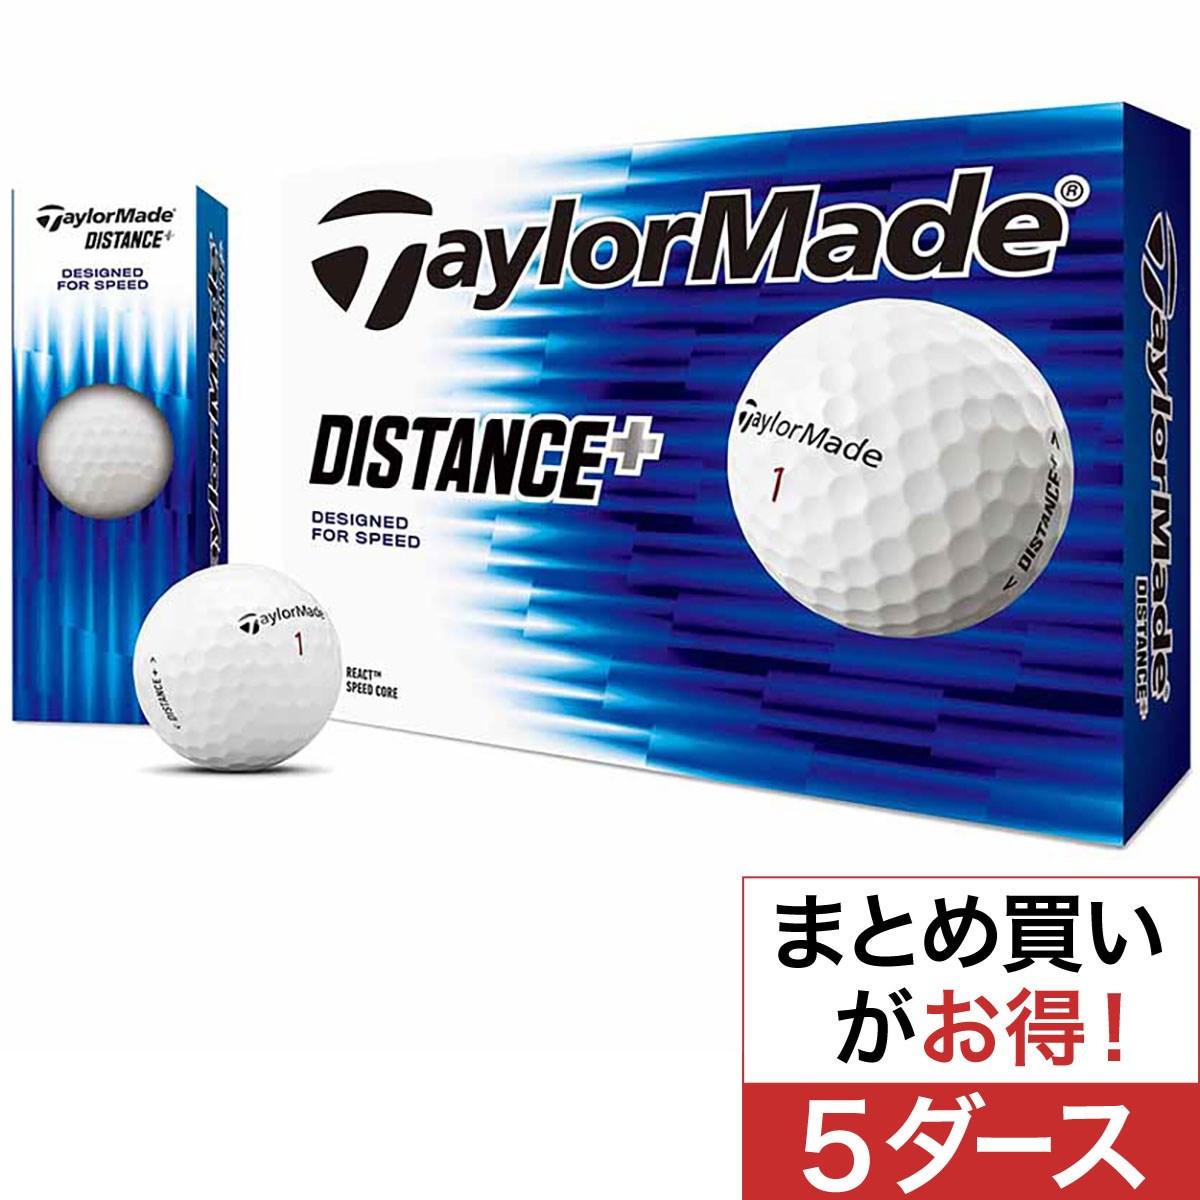 テーラーメイド(Taylor Made) DISTANCE+ ボール 5ダースセット